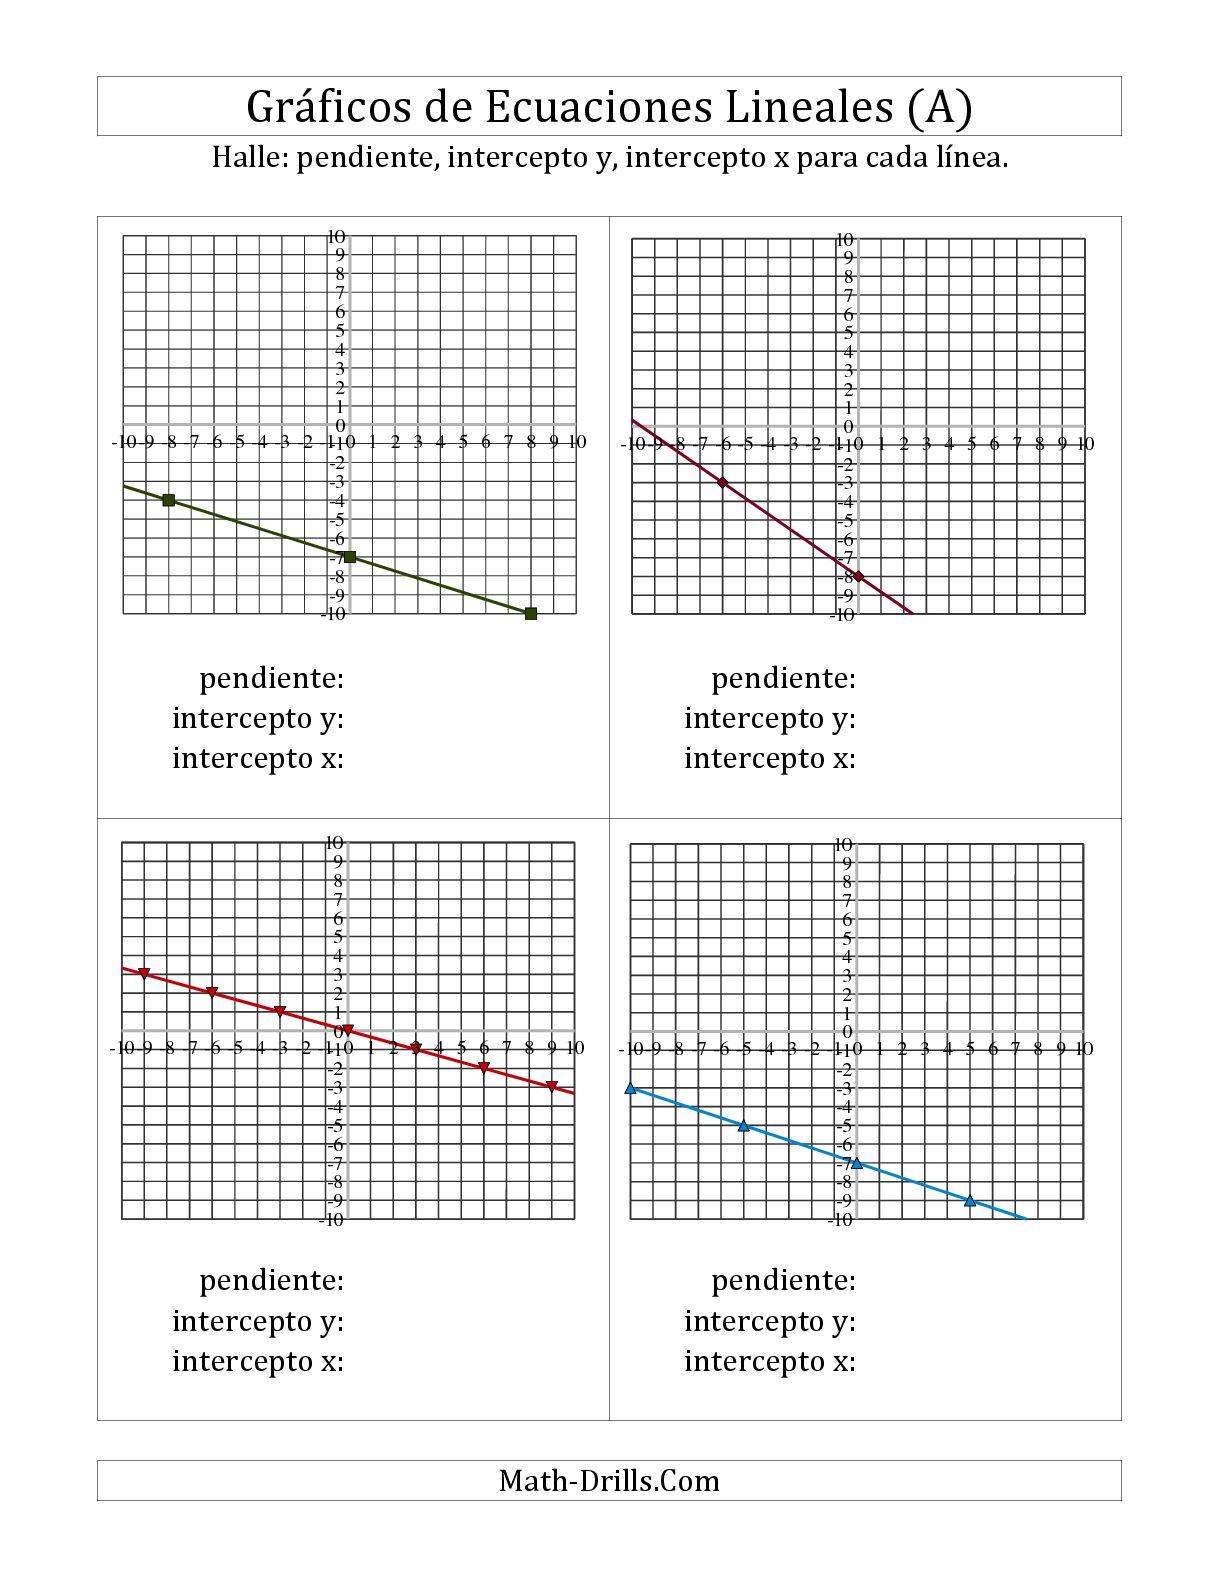 La Halla la Pendiente y el Intercepto X de un Gráfico (E) Hoja de Ejercicio de Algebra